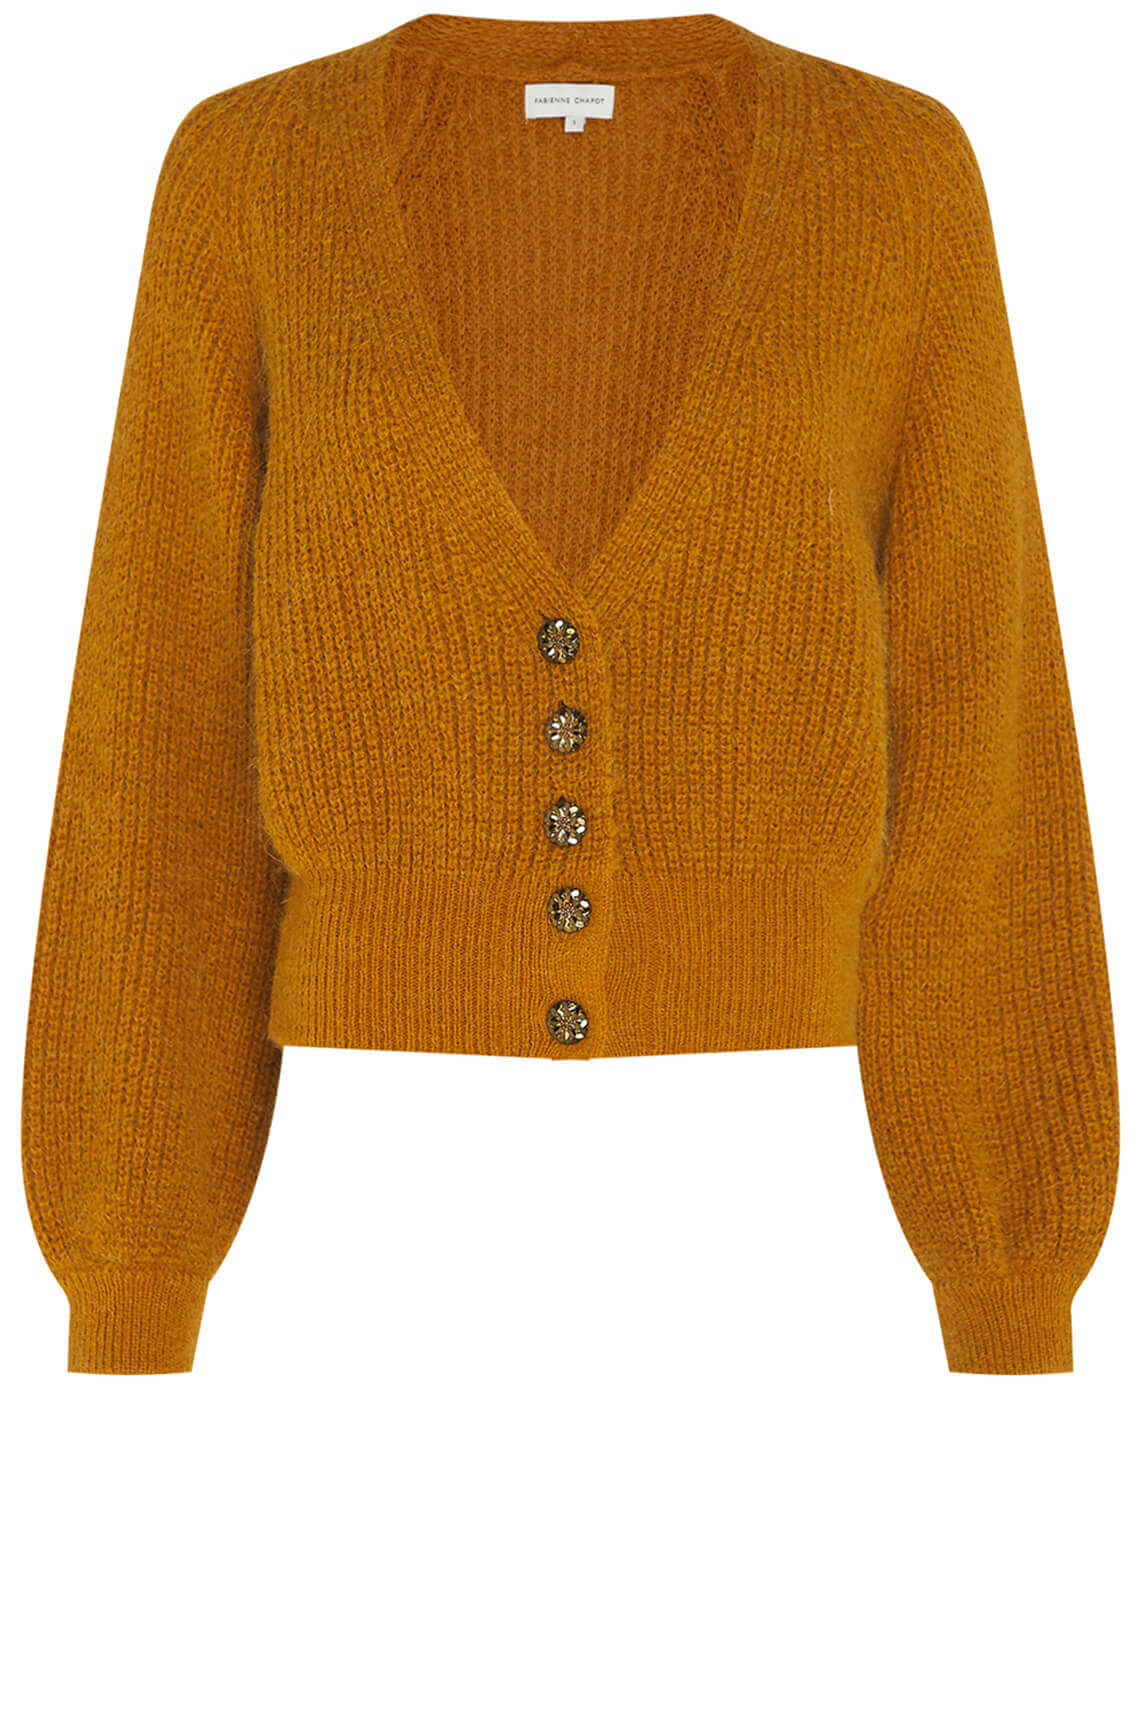 Fabienne Chapot Dames Starry cardigan geel